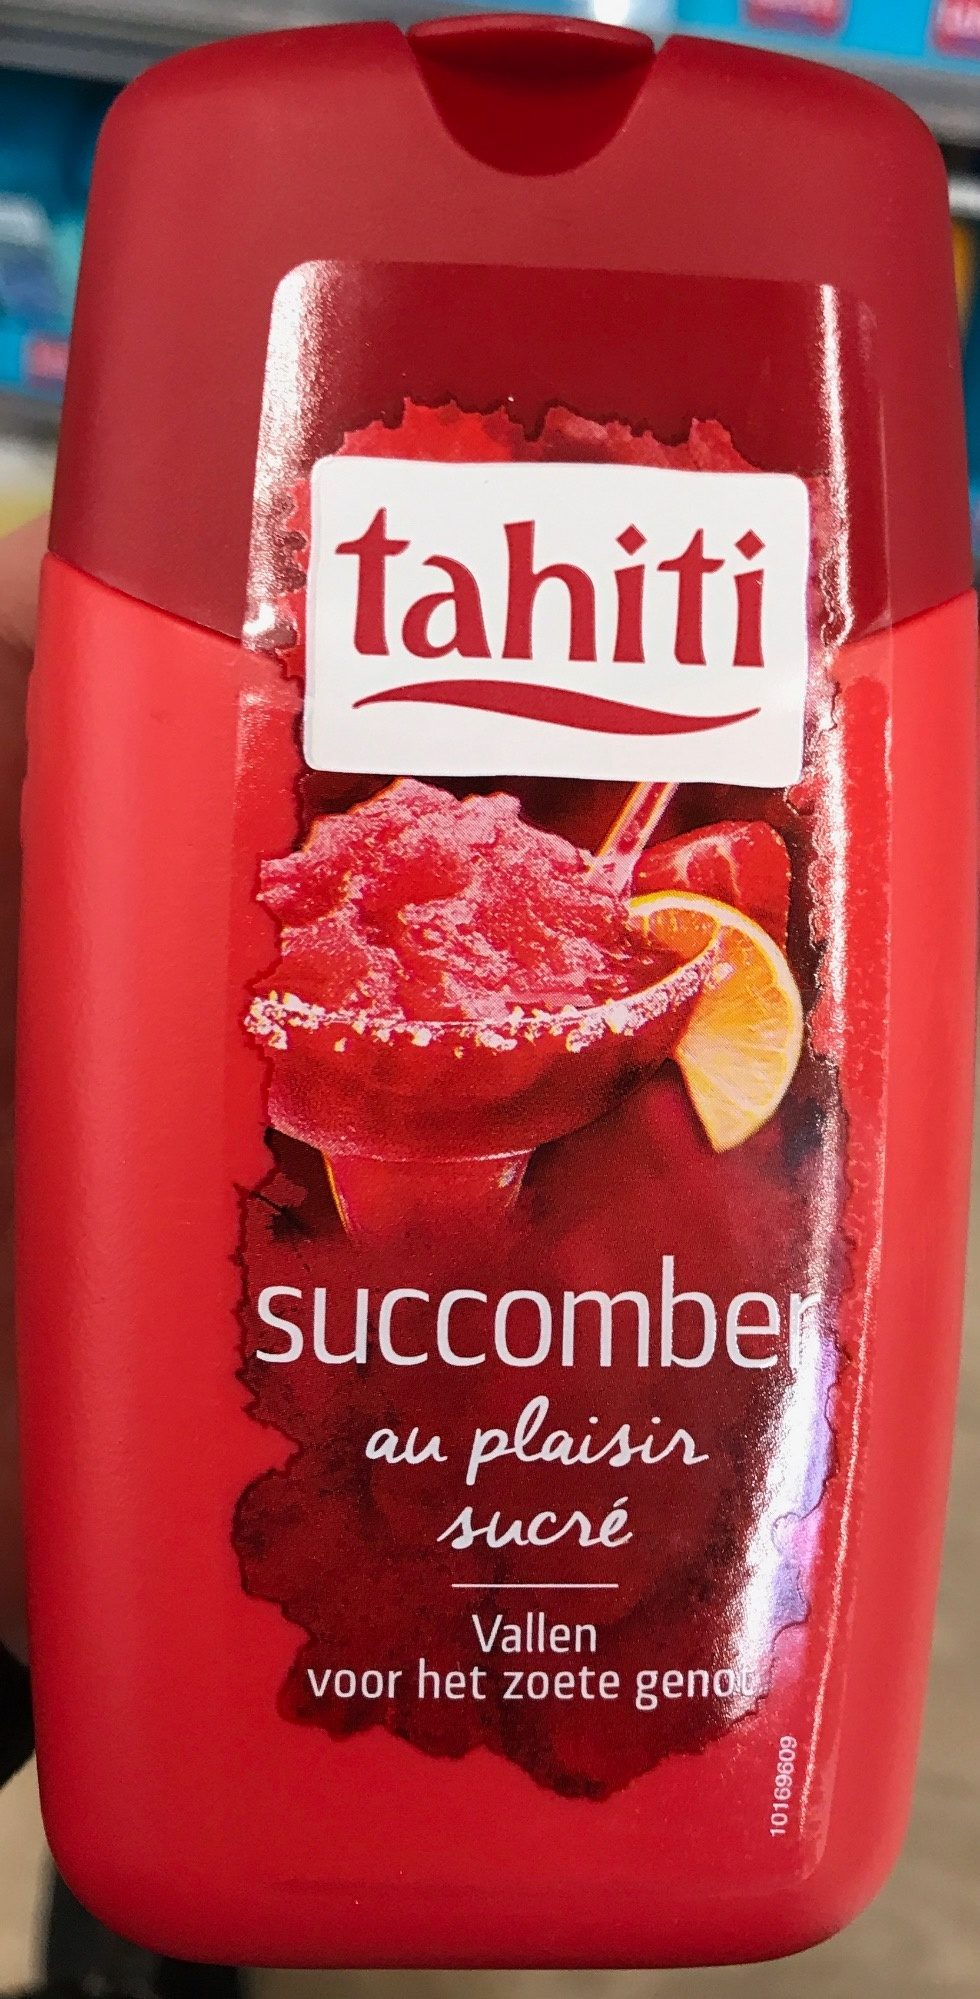 Succomber au plaisir sucré - Product - fr